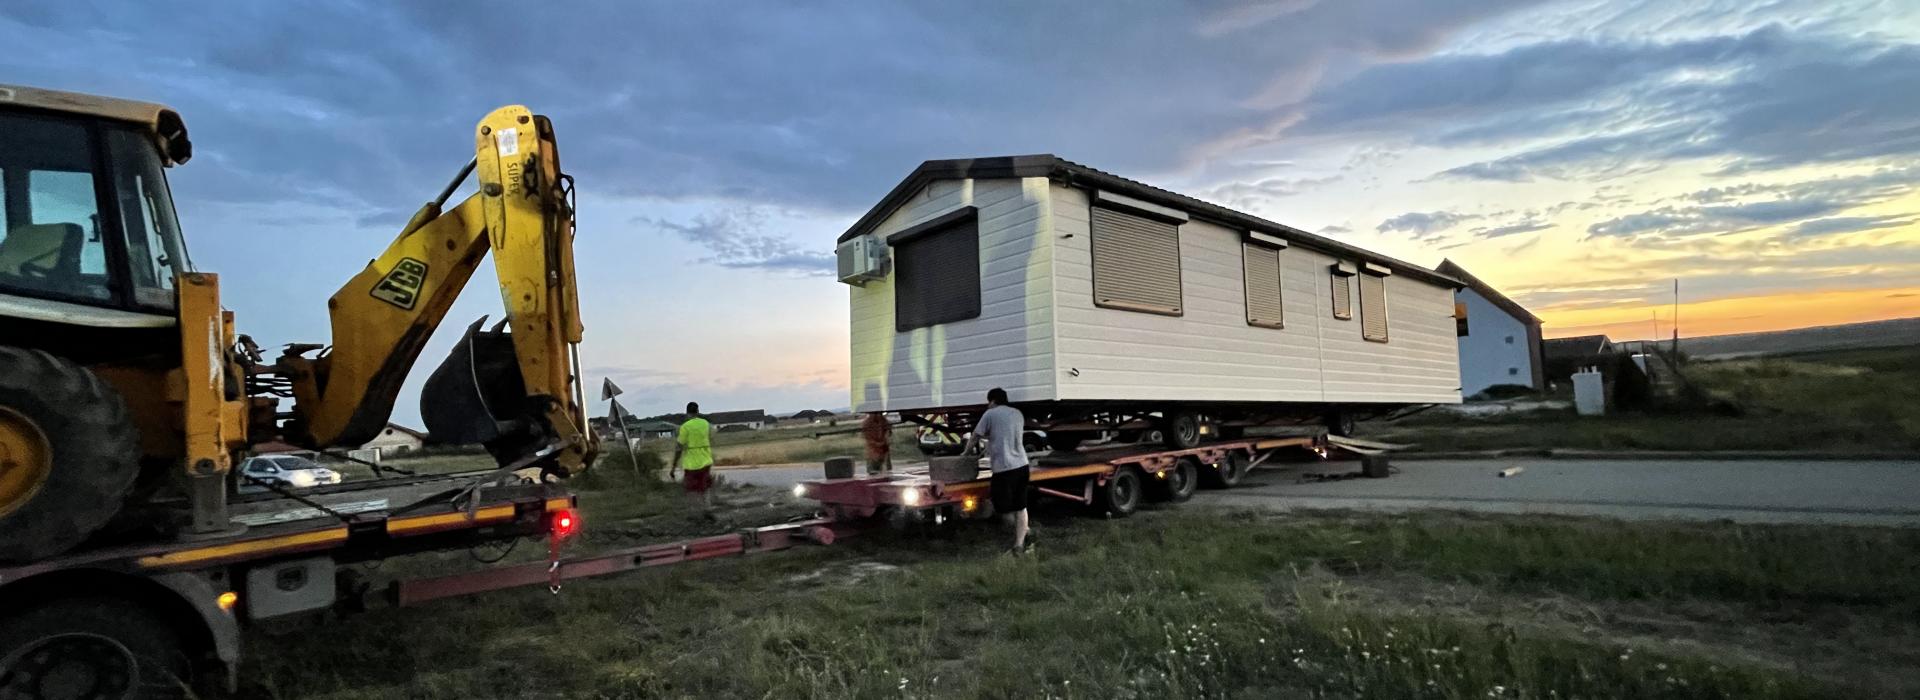 Mobilházak szakszerű szállítása, telepítése